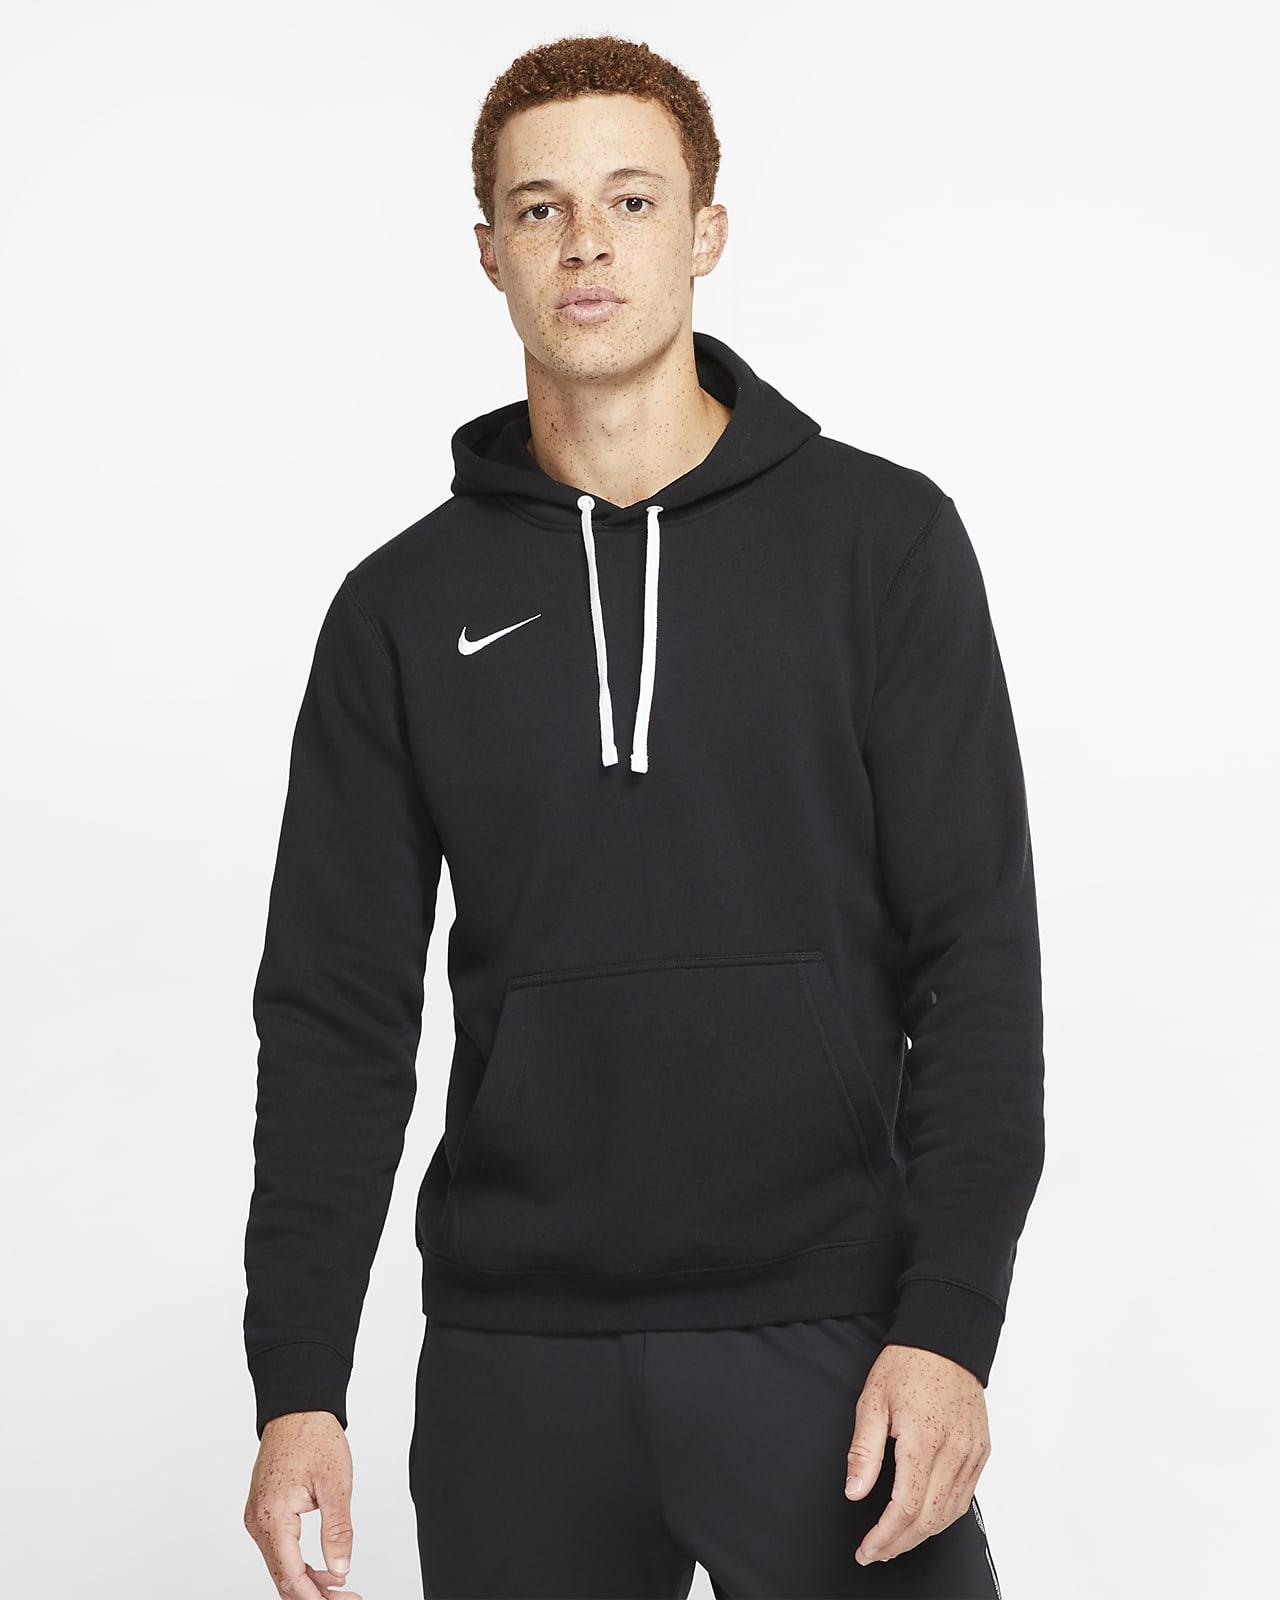 Nike Men's Fleece Pullover Hoodie